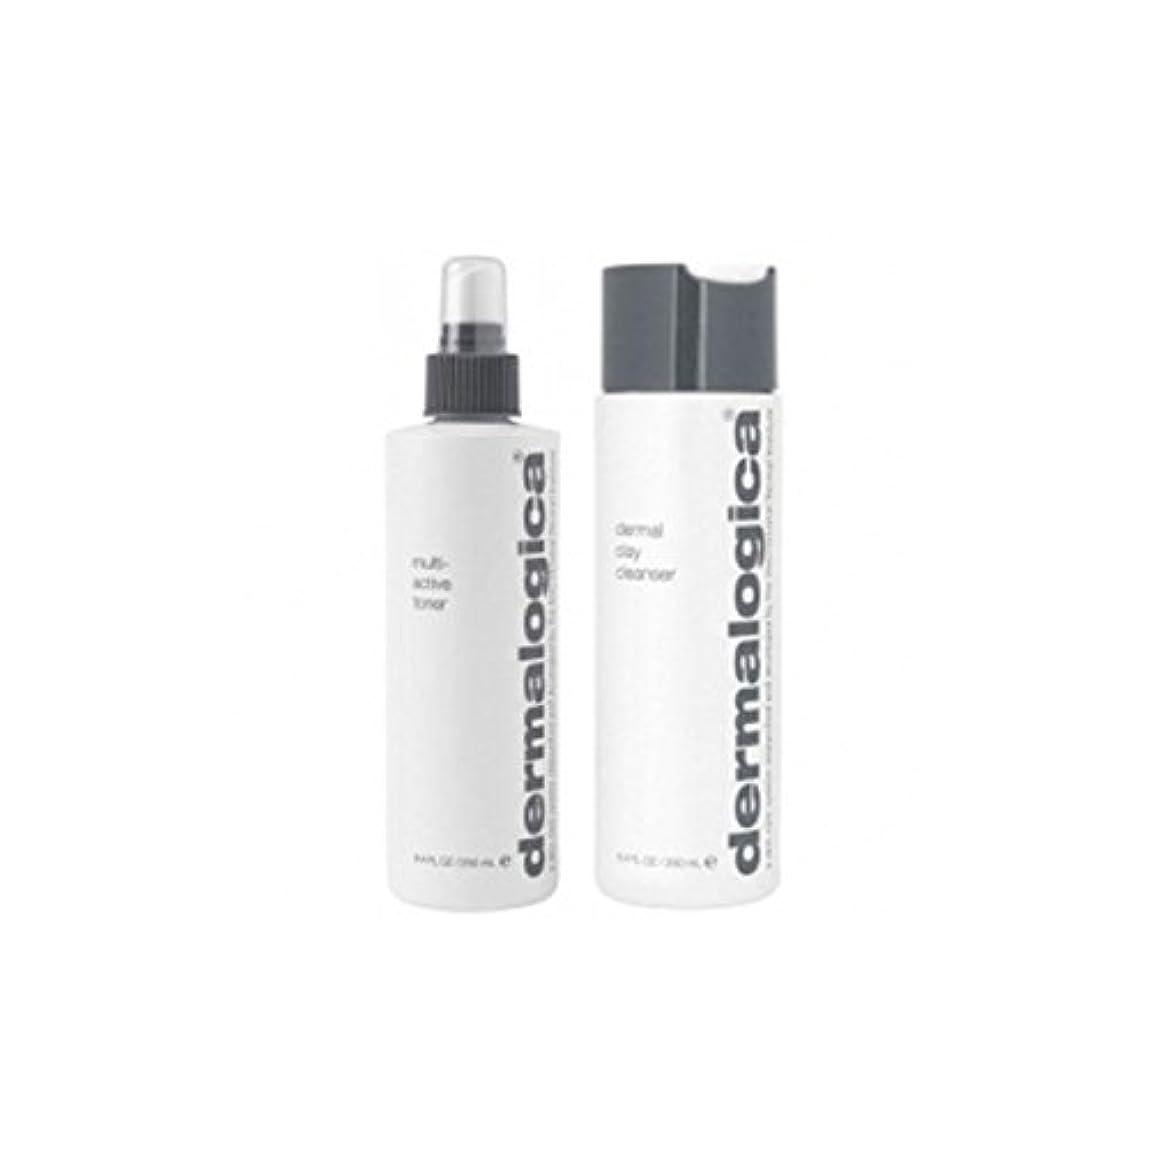 保有者注目すべき移民Dermalogica Cleanse & Tone Duo - Oily Skin (2 Products) - ダーマロジカクレンジング&トーンデュオ - 脂性肌(2製品) [並行輸入品]